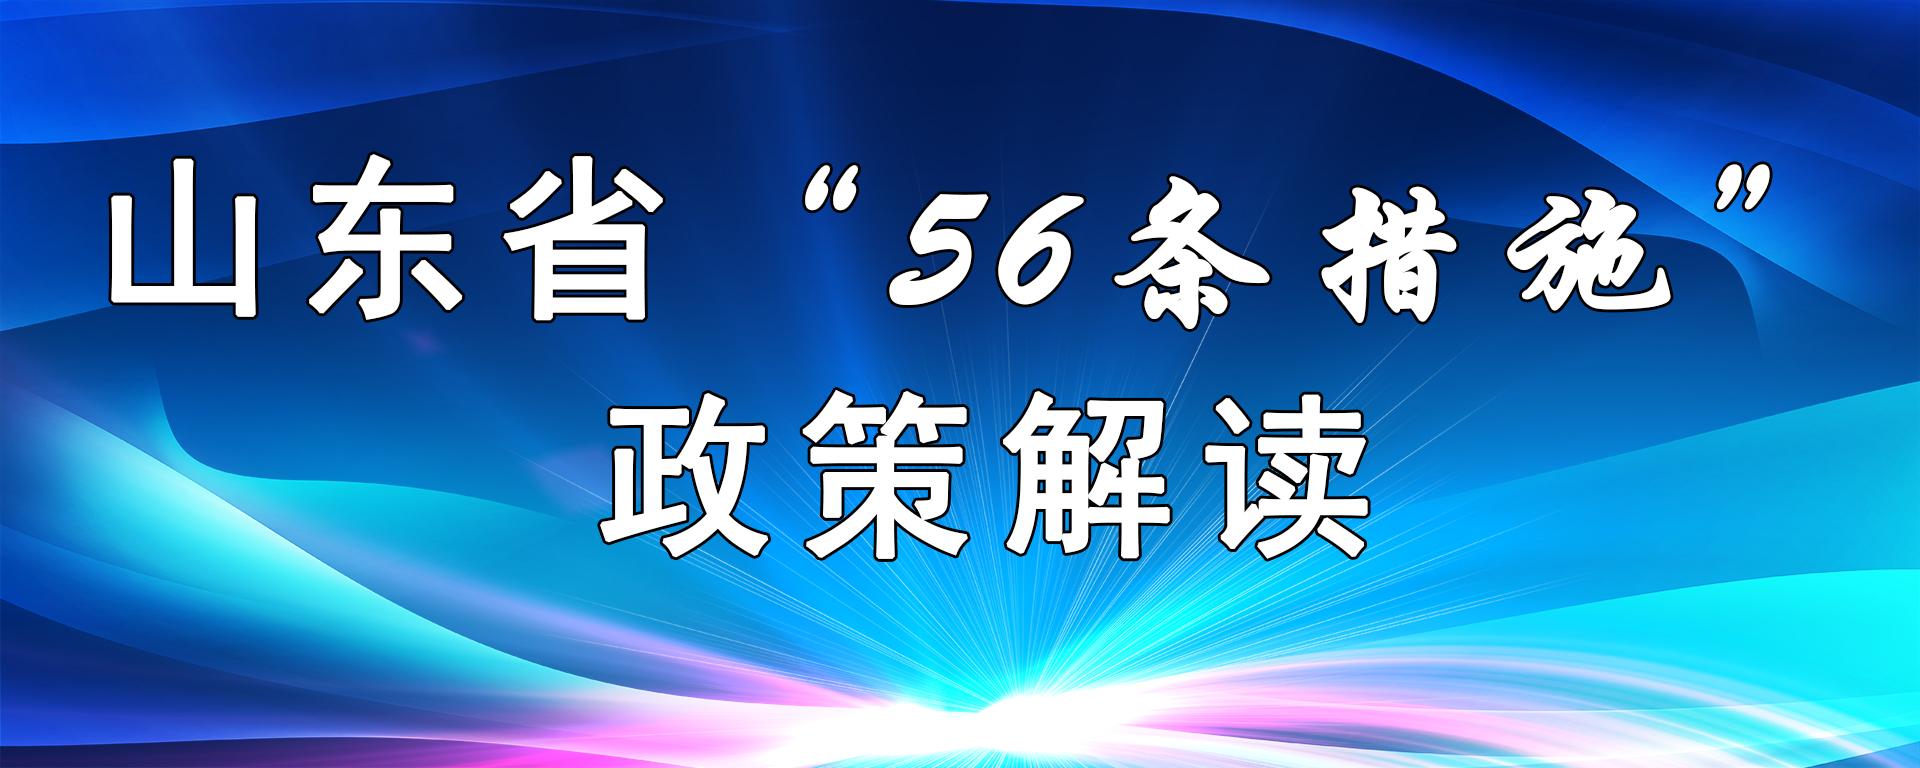 """山东省""""56条""""澳门正规赌博网站大全解读"""